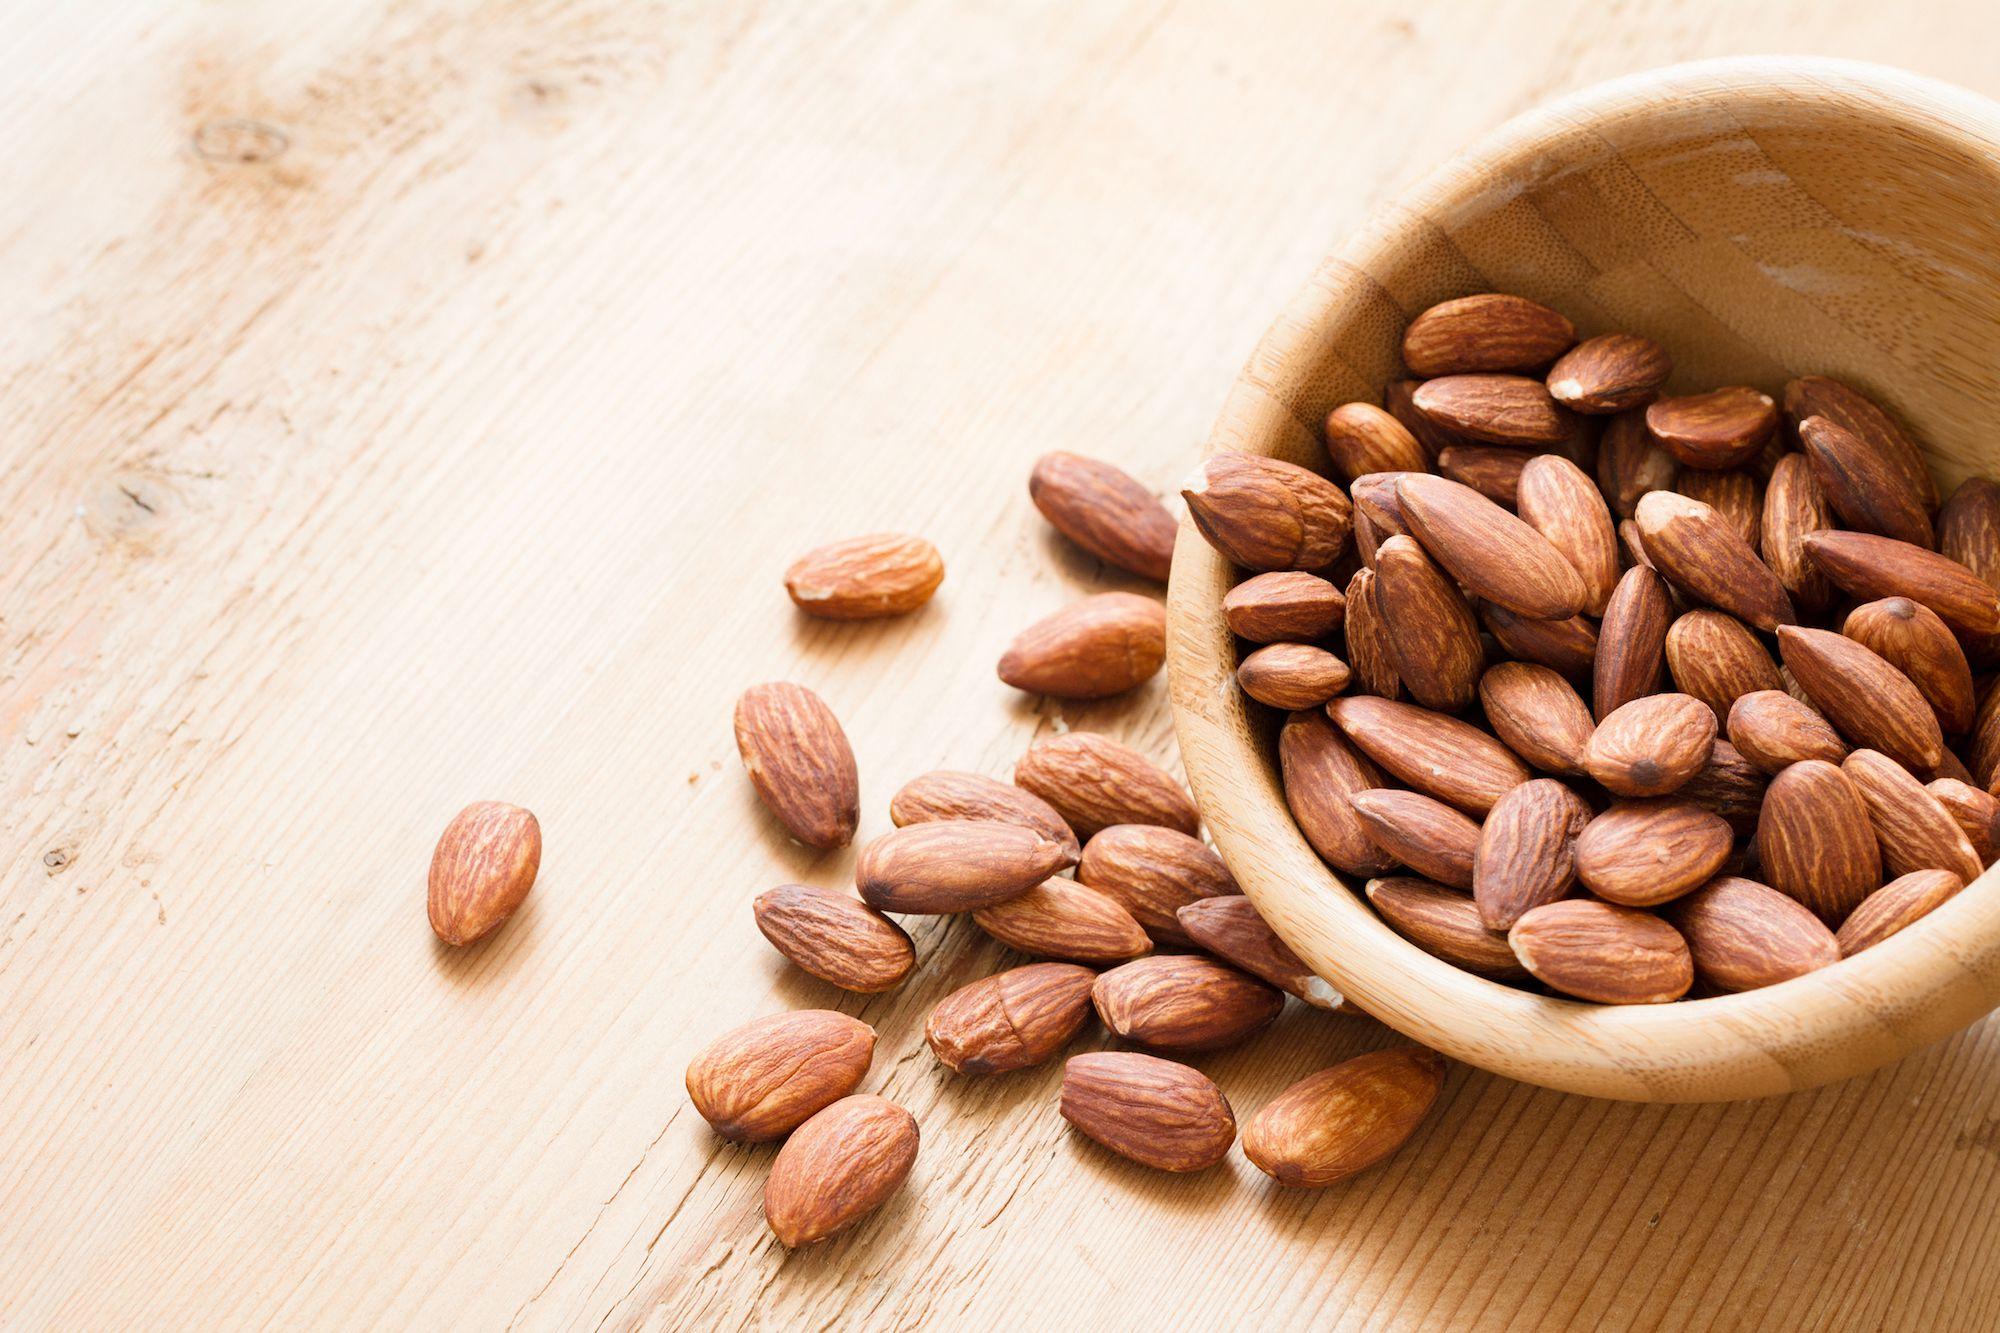 Sağlığınız için faydalı hormonları harekete geçiren 9 besin #1